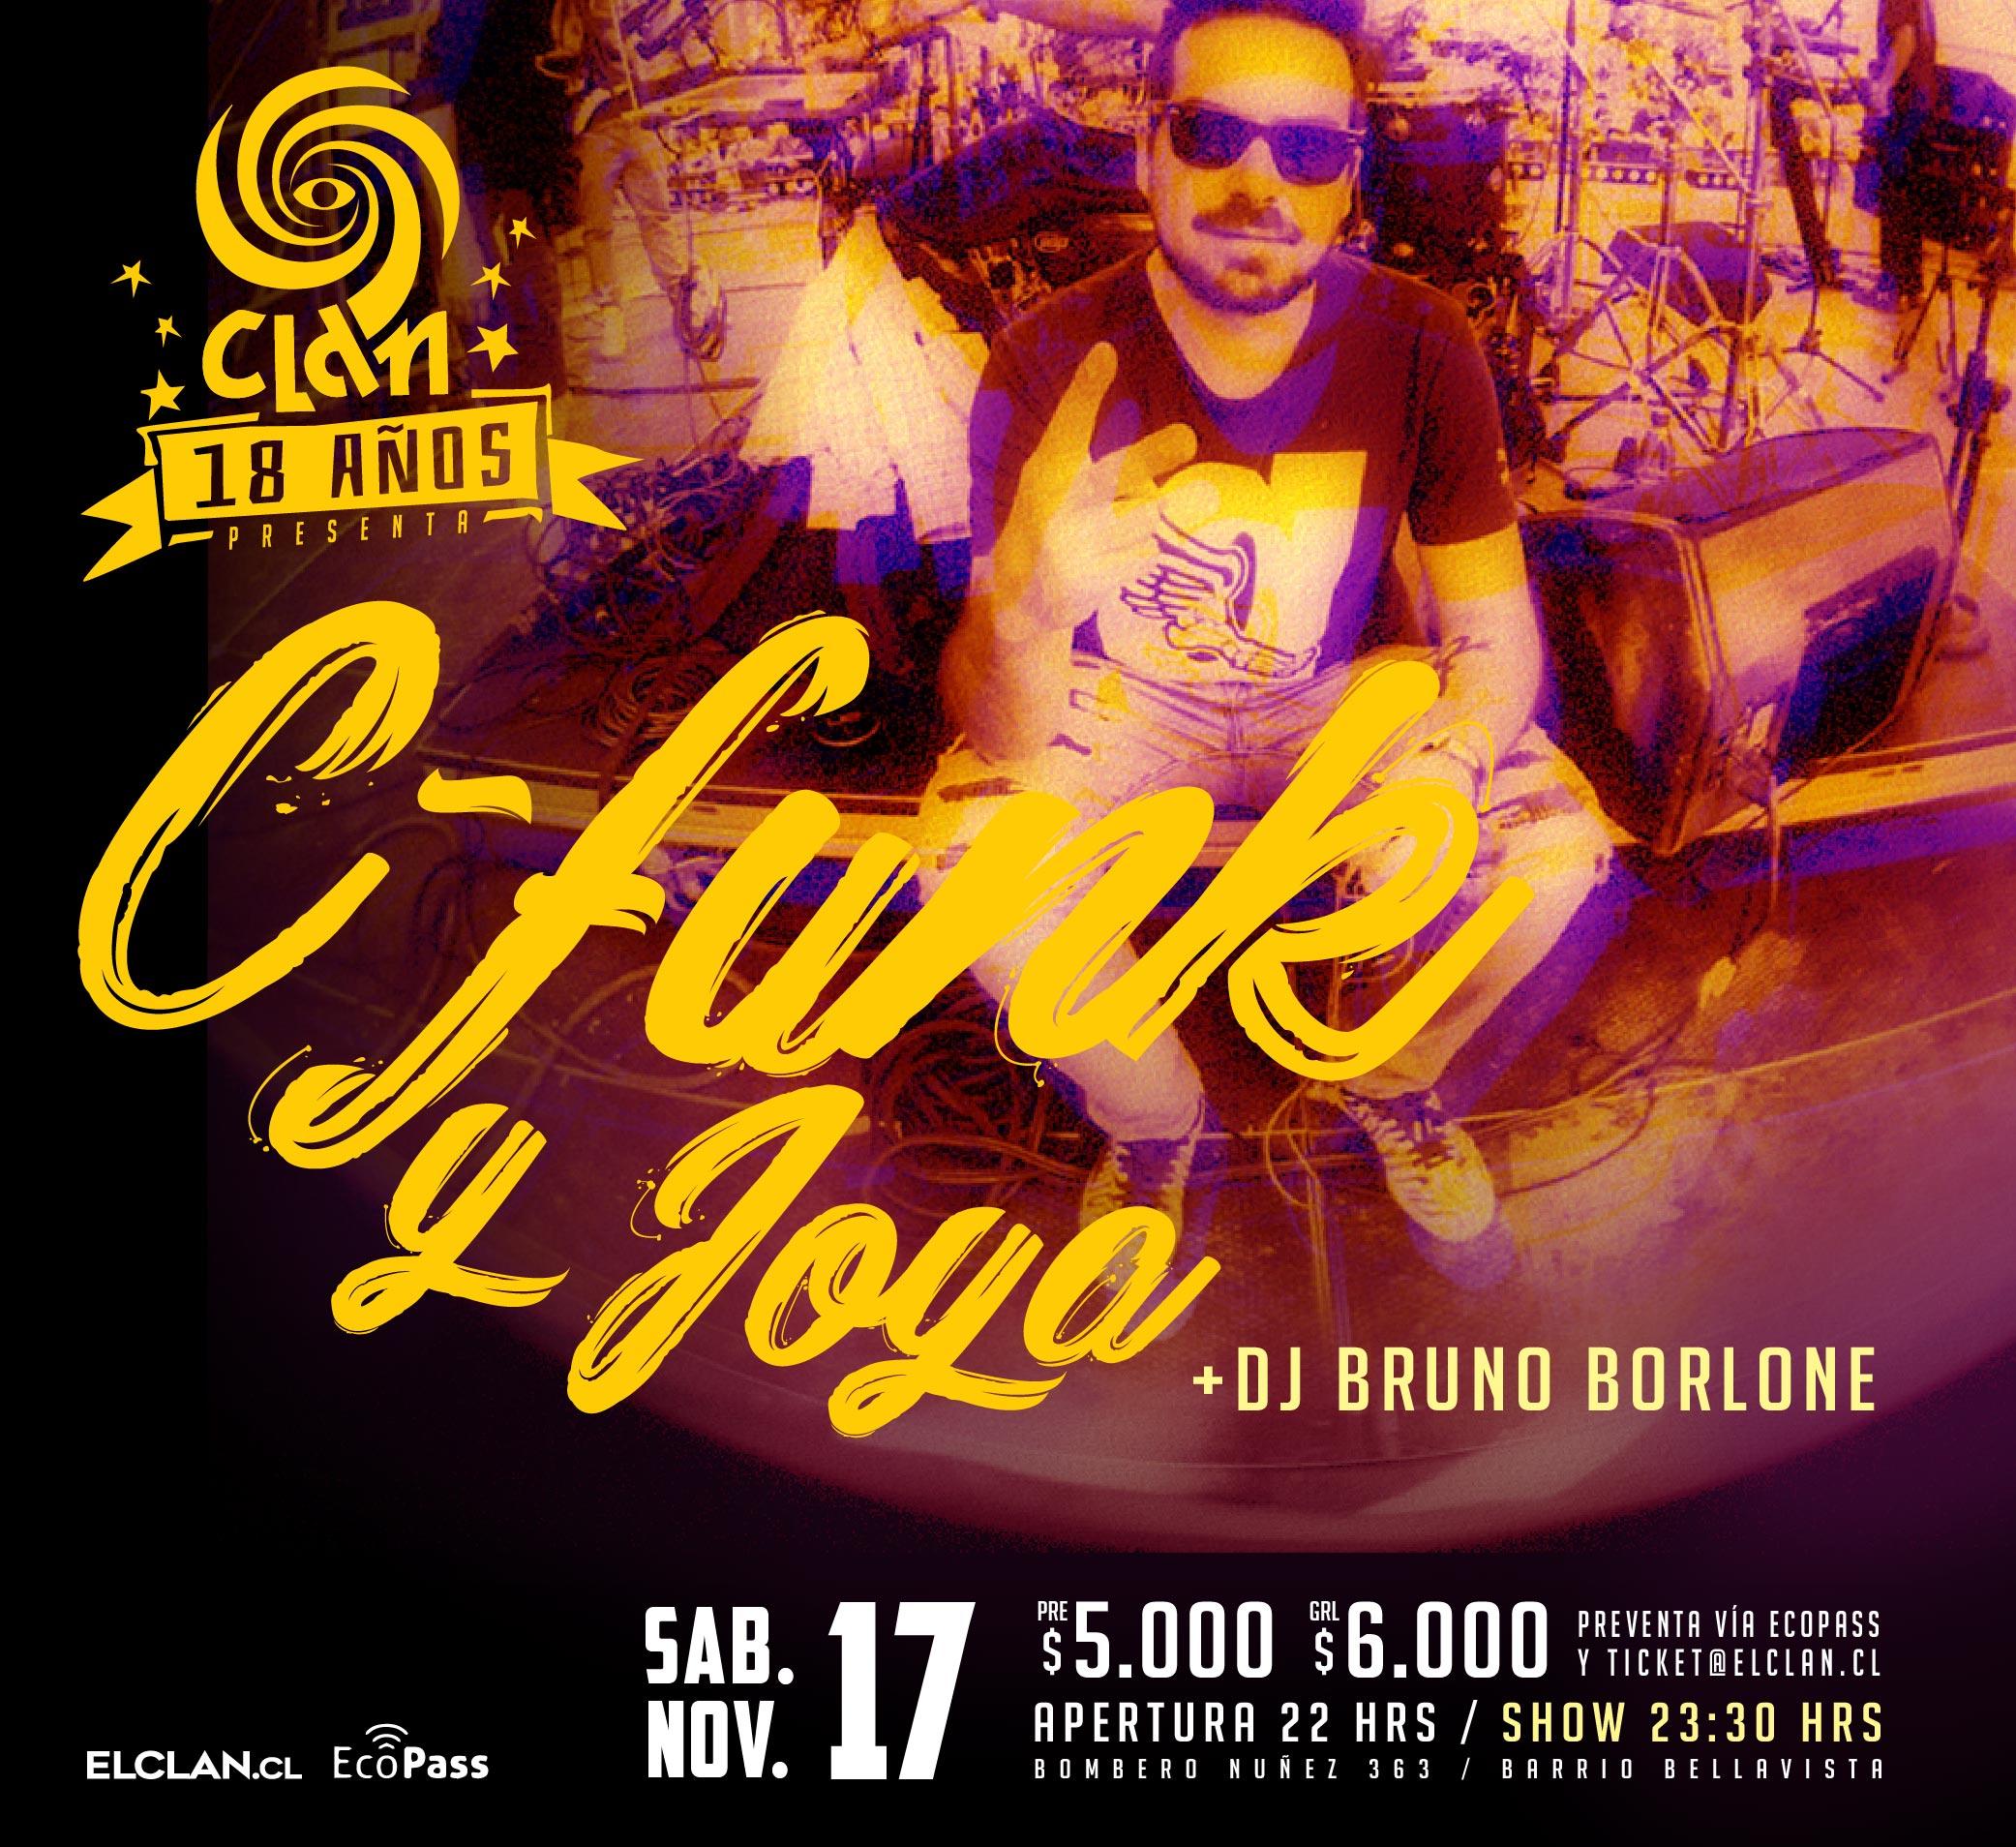 C funk 03